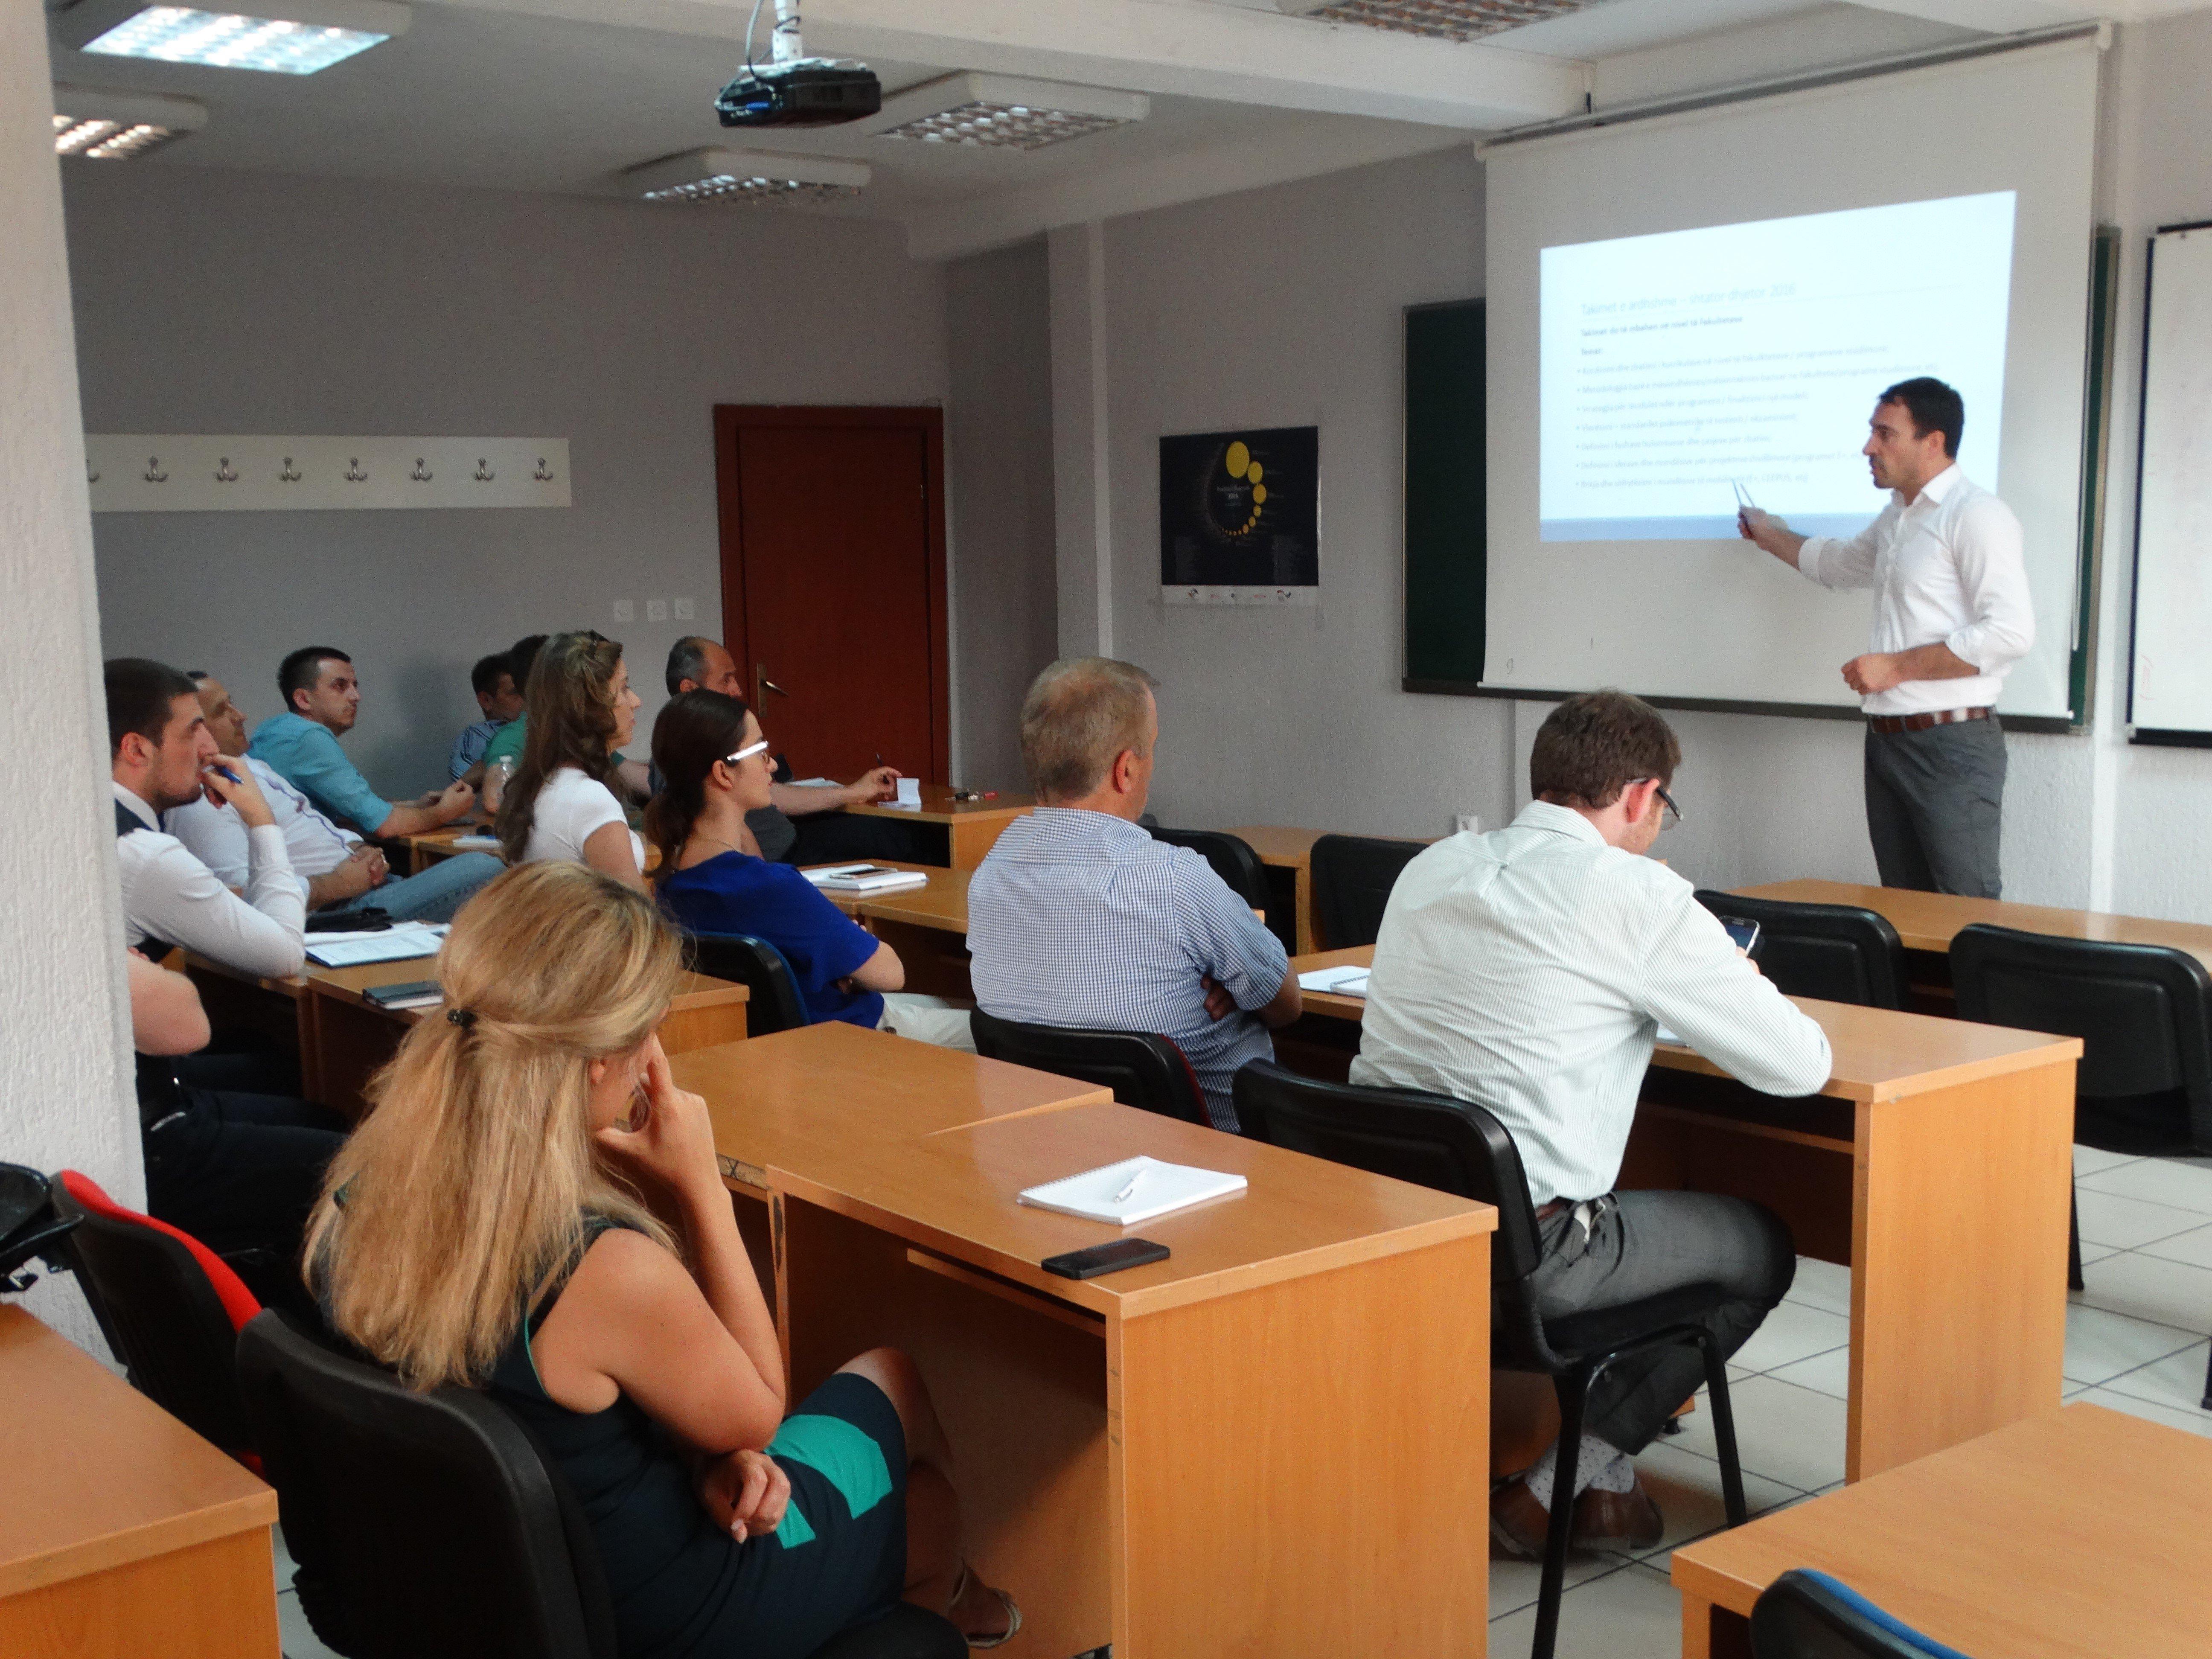 """Instituti për Zhvillim të Arsimit dhe Çështjeve Akademike në Kolegjin UBT organizon punëtorinë """"Zhvillimi kurrikular dhe modular"""""""